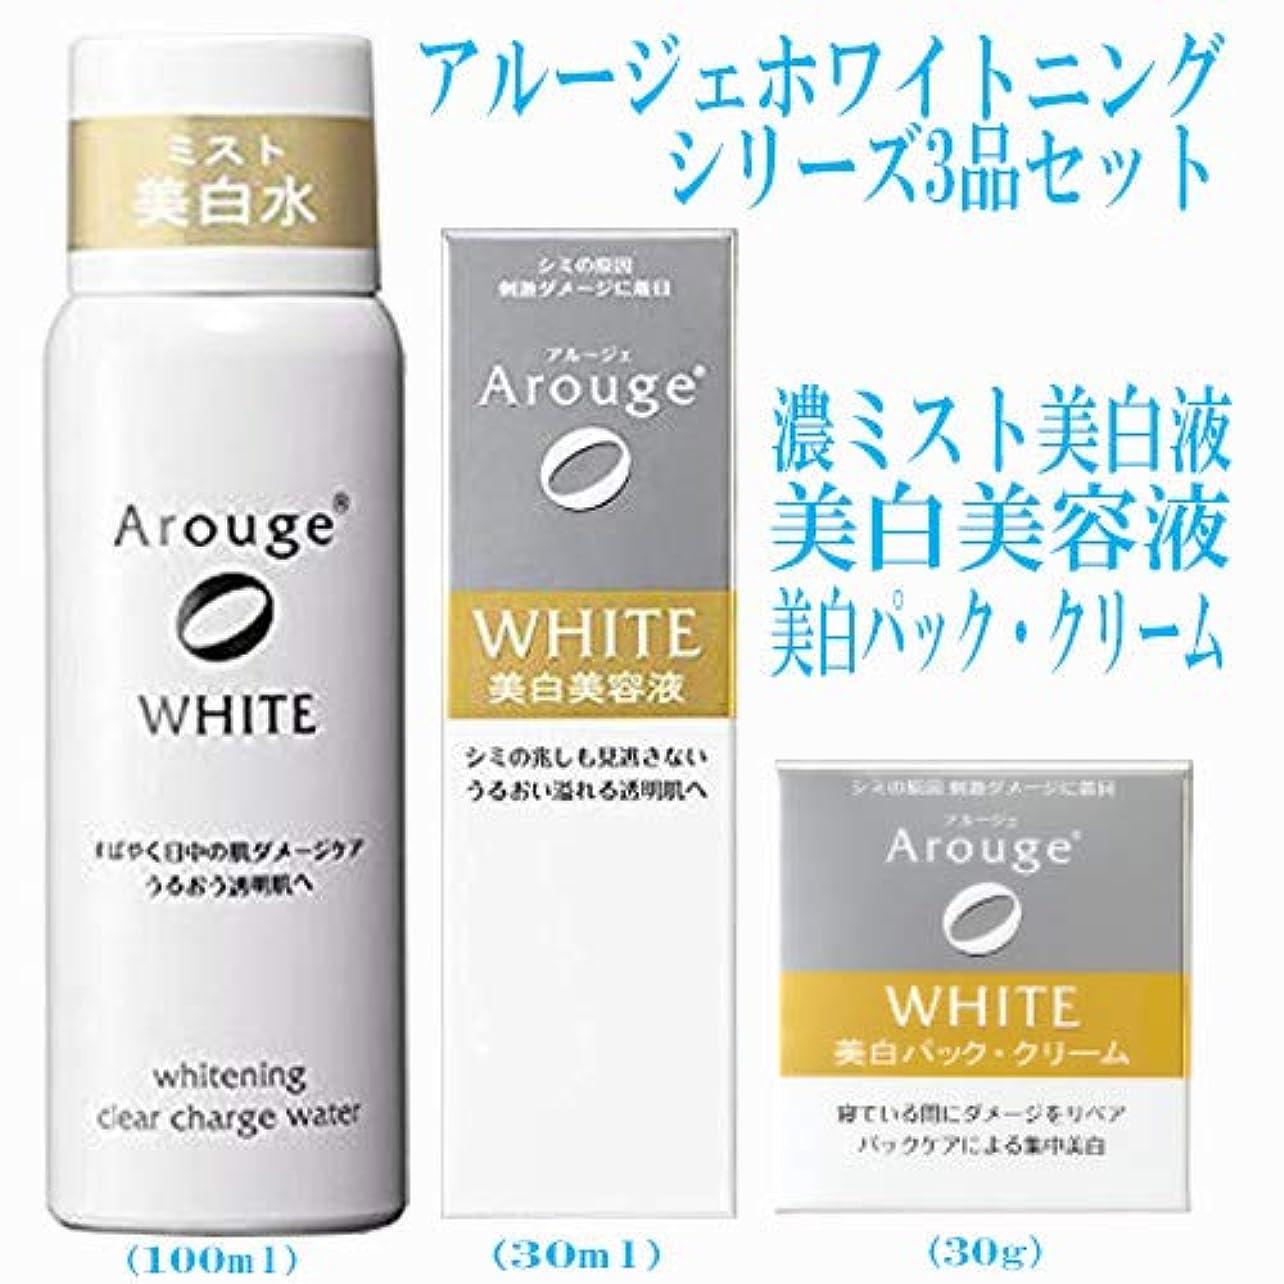 意欲悪質な物理的な【3品セット】アルージェ ホワイトニングエッセンス 30mL+リペアクリーム 30g+ミストセラム 100ml